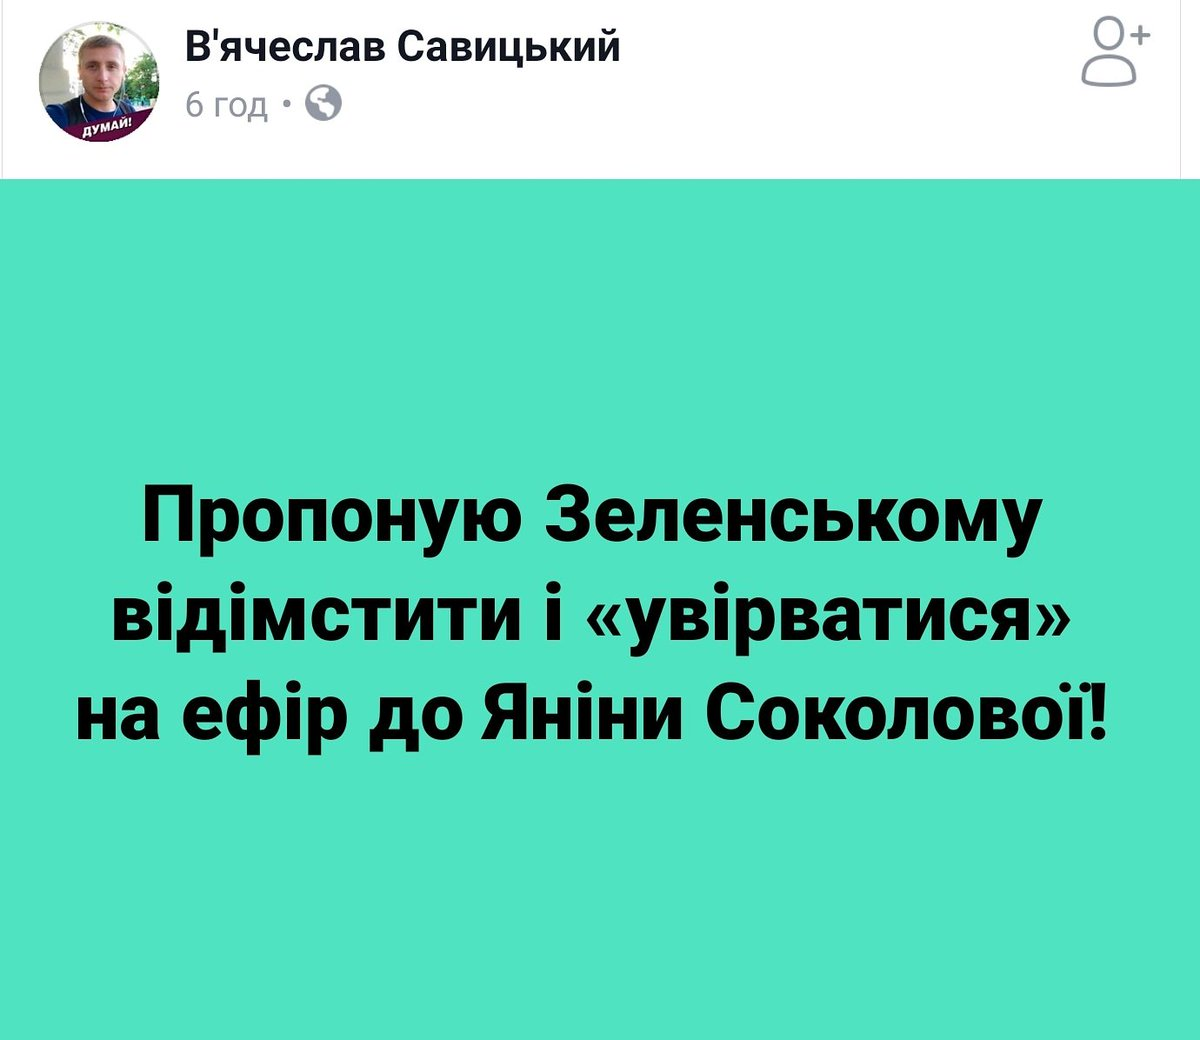 """Стараюсь, как и советовал президент, """"быть мужиком"""", - Зеленский о разговоре с Порошенко в эфире 1+1 - Цензор.НЕТ 4678"""